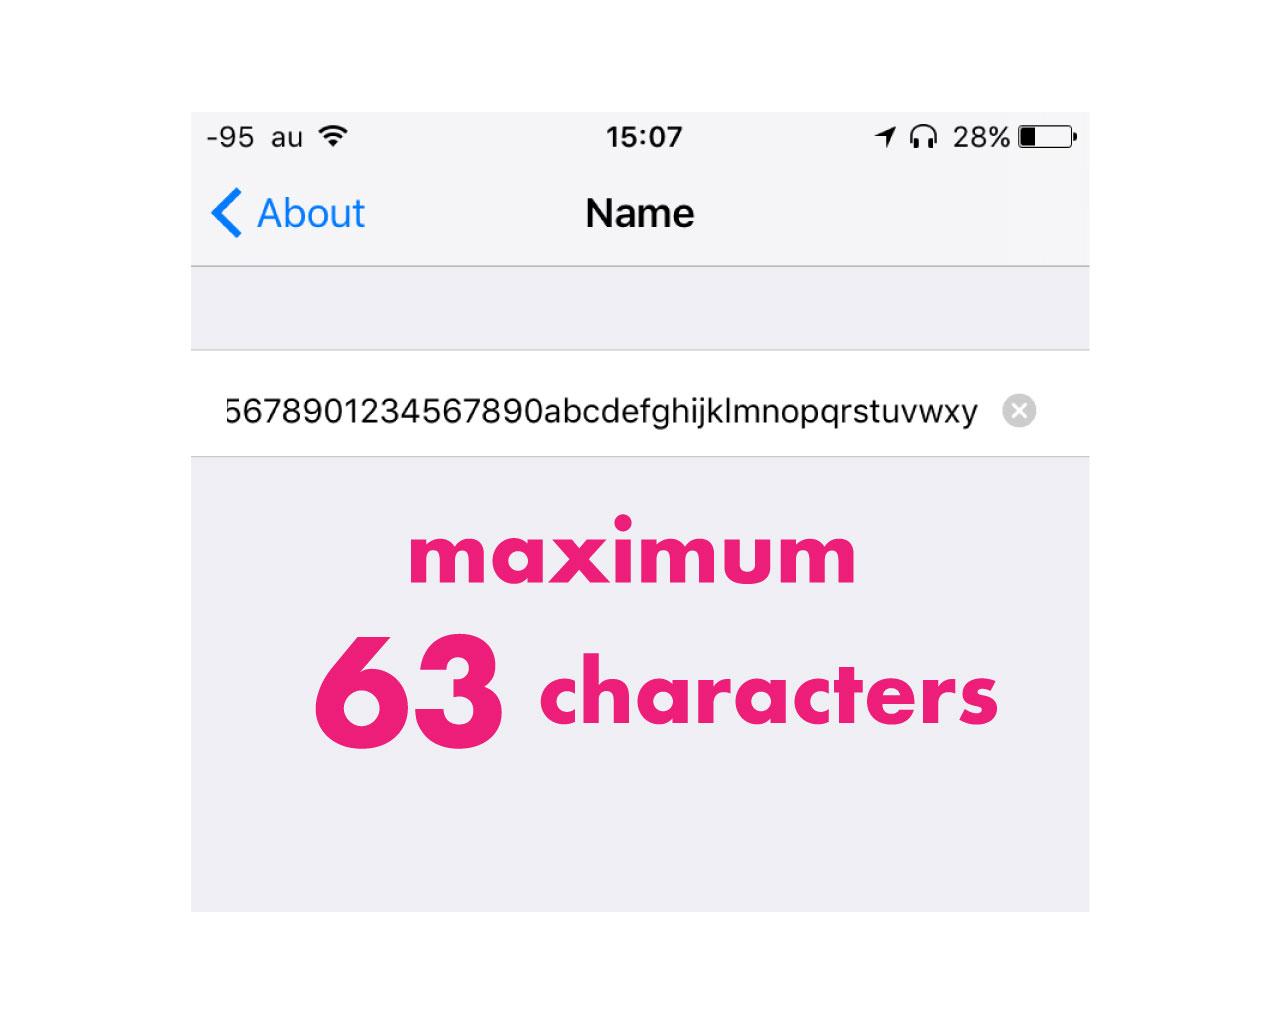 iphone-name-word-count-maximum-5